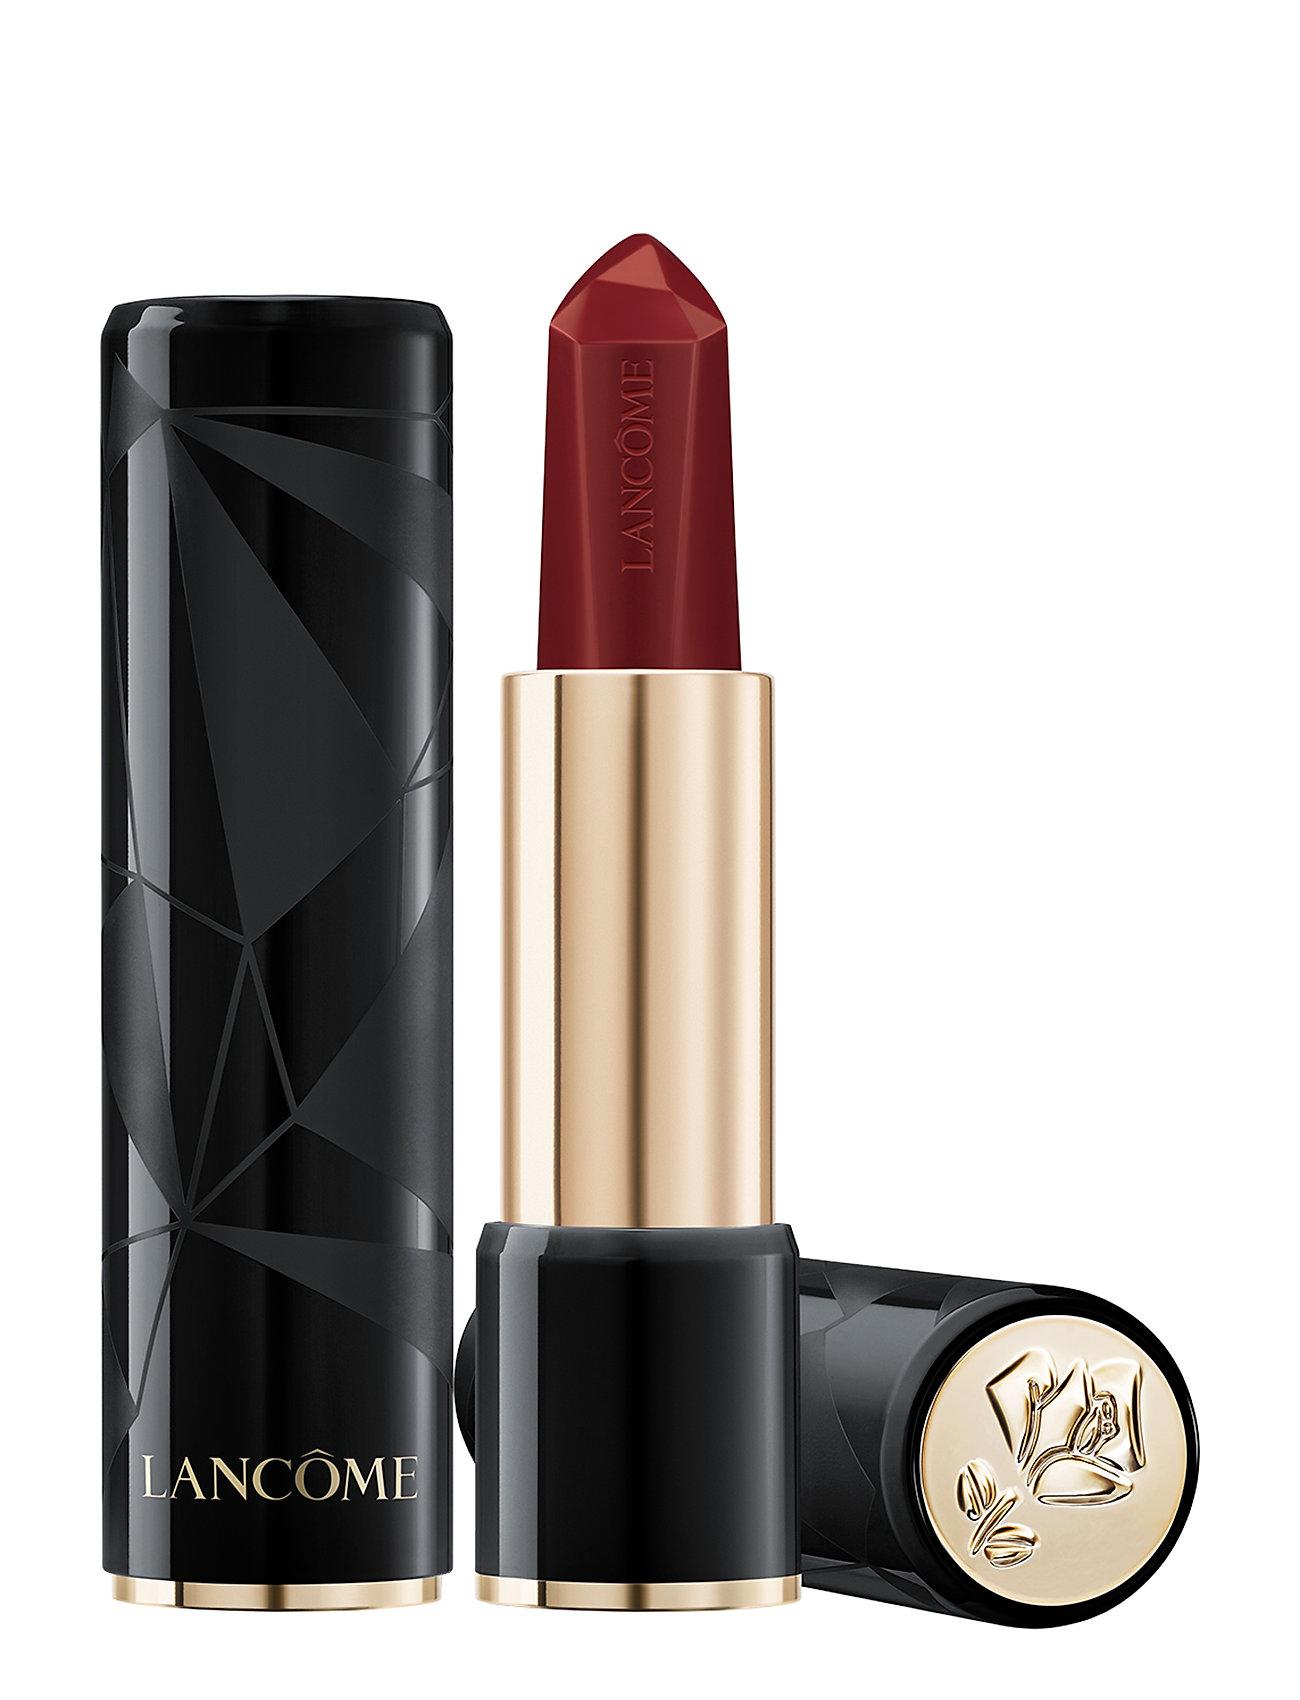 Lancôme L'Absolu Rouge Ruby Cream - 481 PIGEON BLOOD RUBY